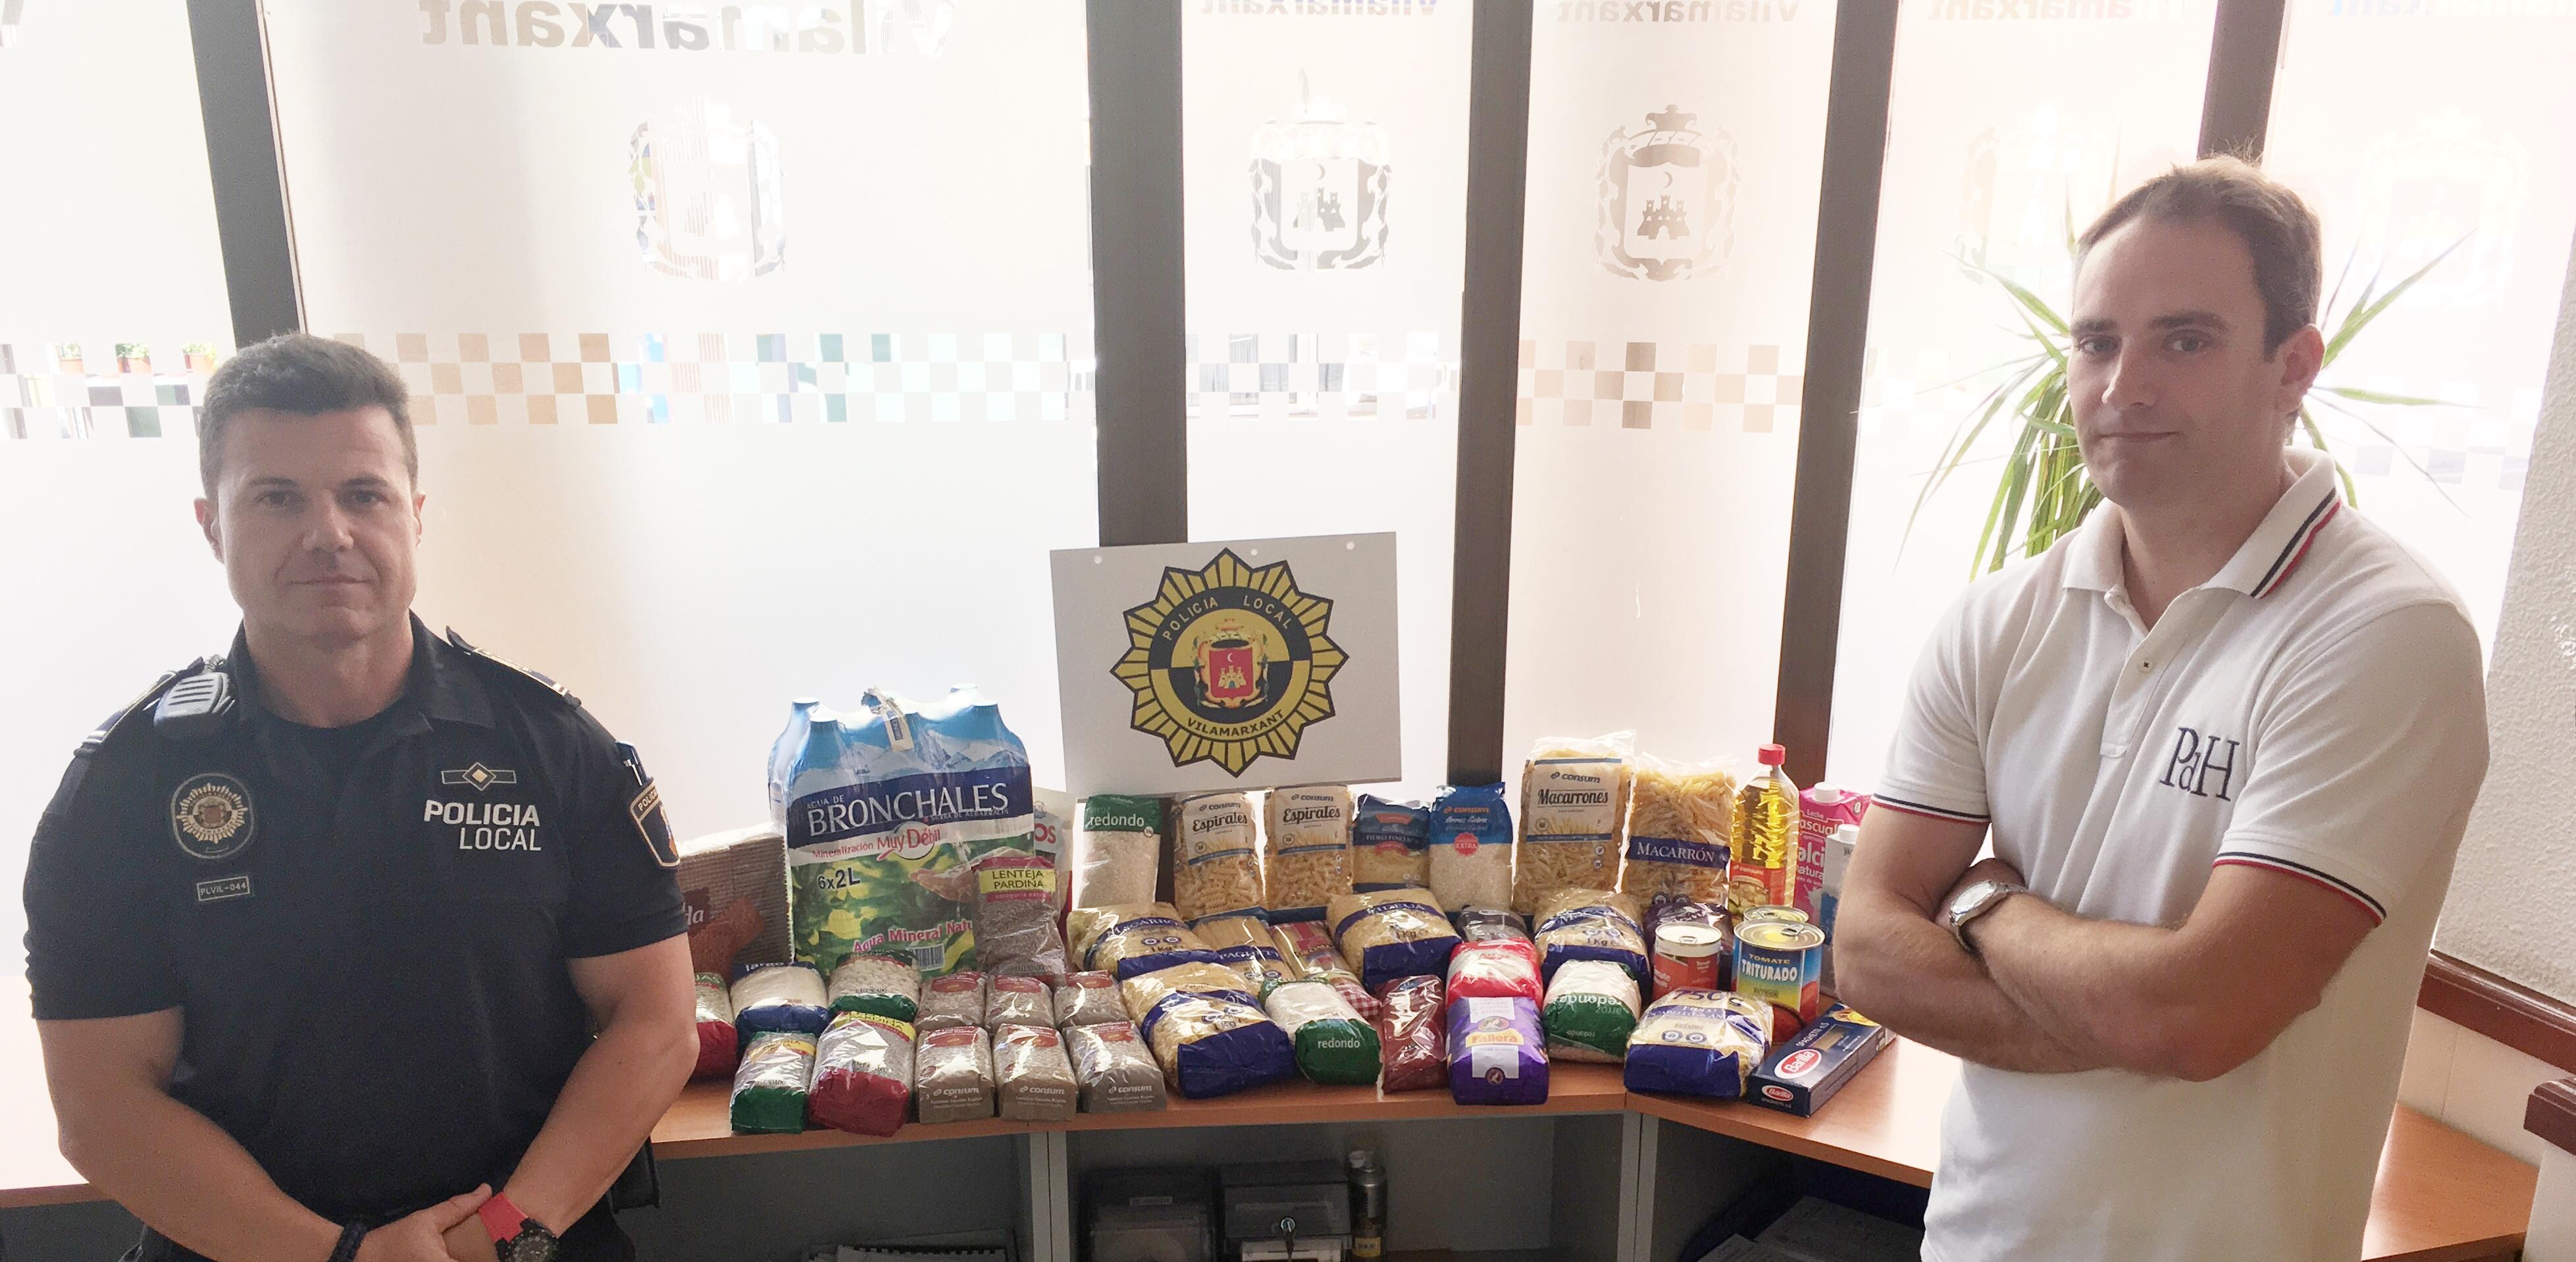 La Policia Local de Vilamarxant reuneix 25 quilos de productes per a Cáritas.